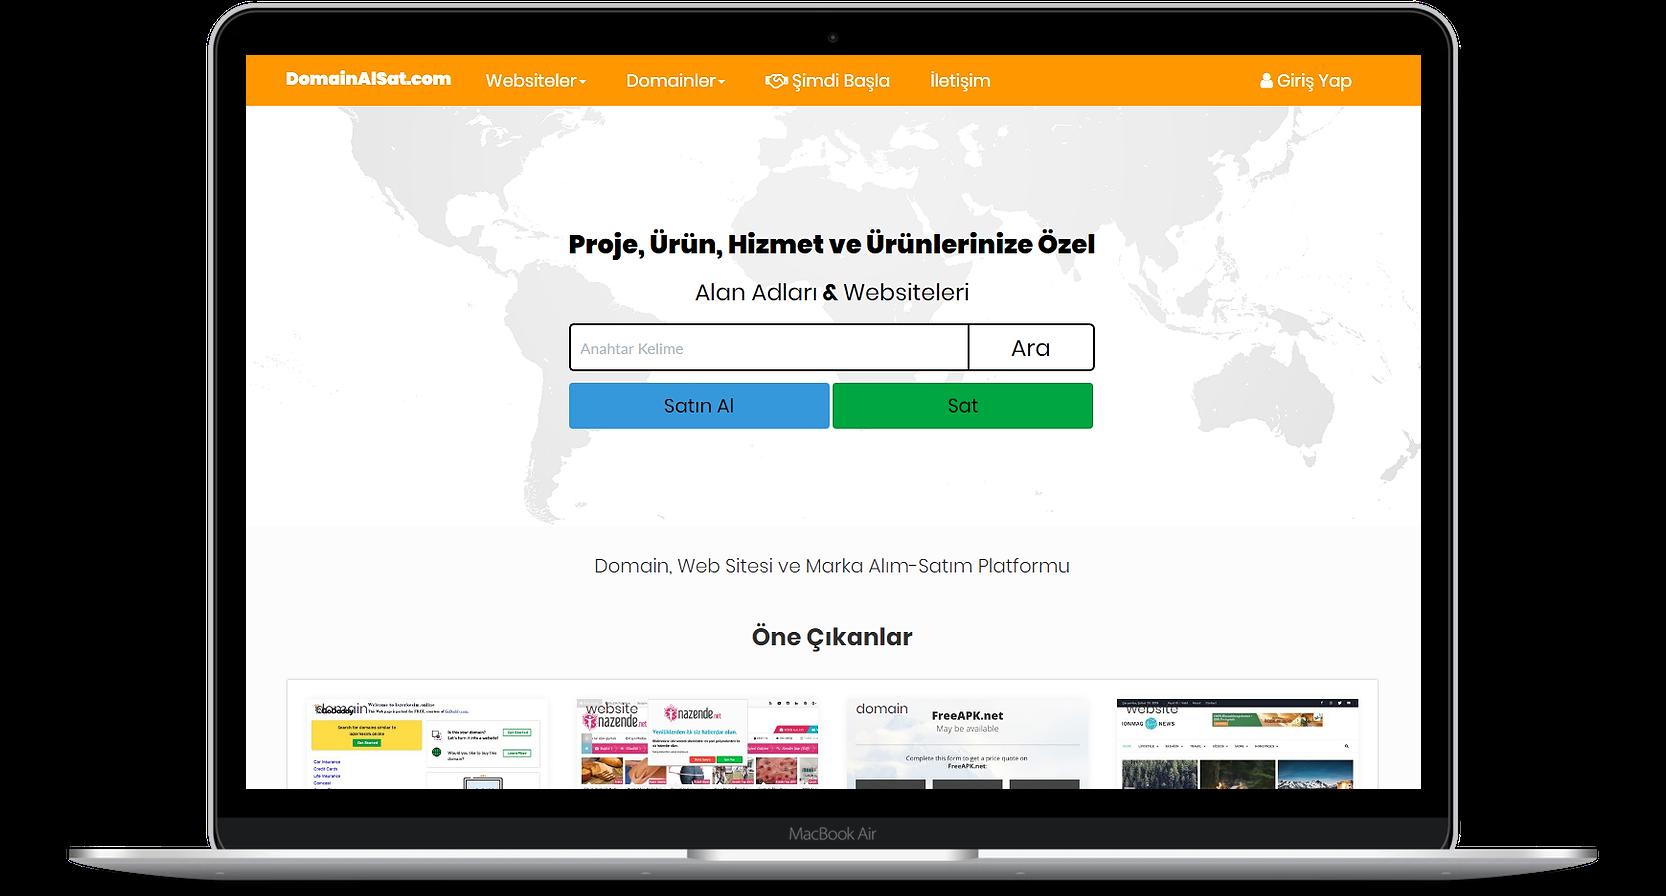 DomainAlSat.com